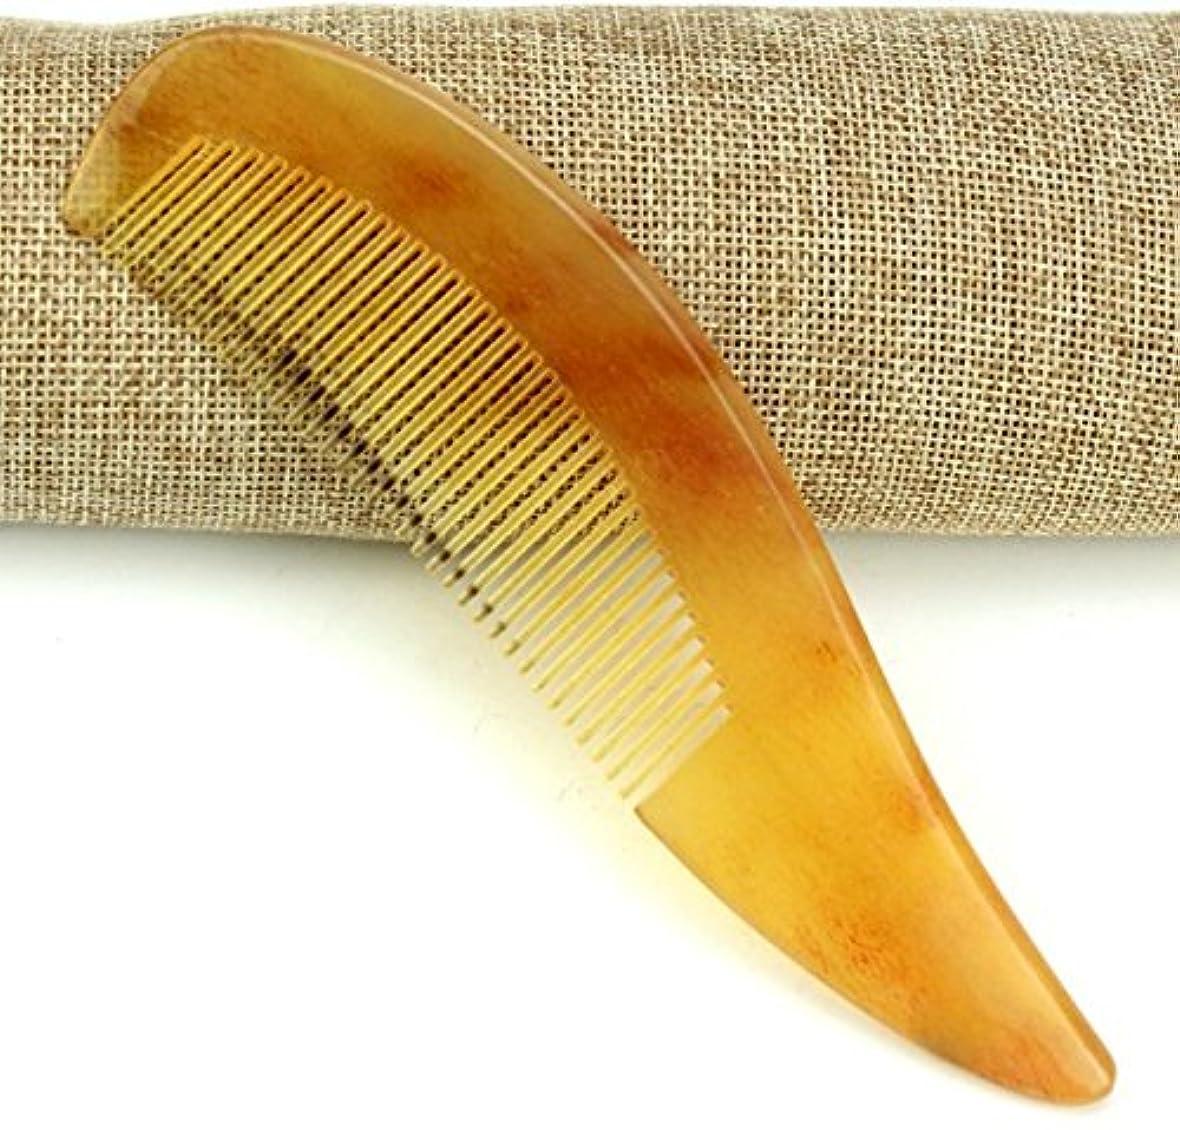 うんざり野菜腹部櫛型 プロも使う羊角かっさプレート マサージ用 血行改善 高級 天然 静電気防止 美髪 美顔 ボディ リンパマッサージ